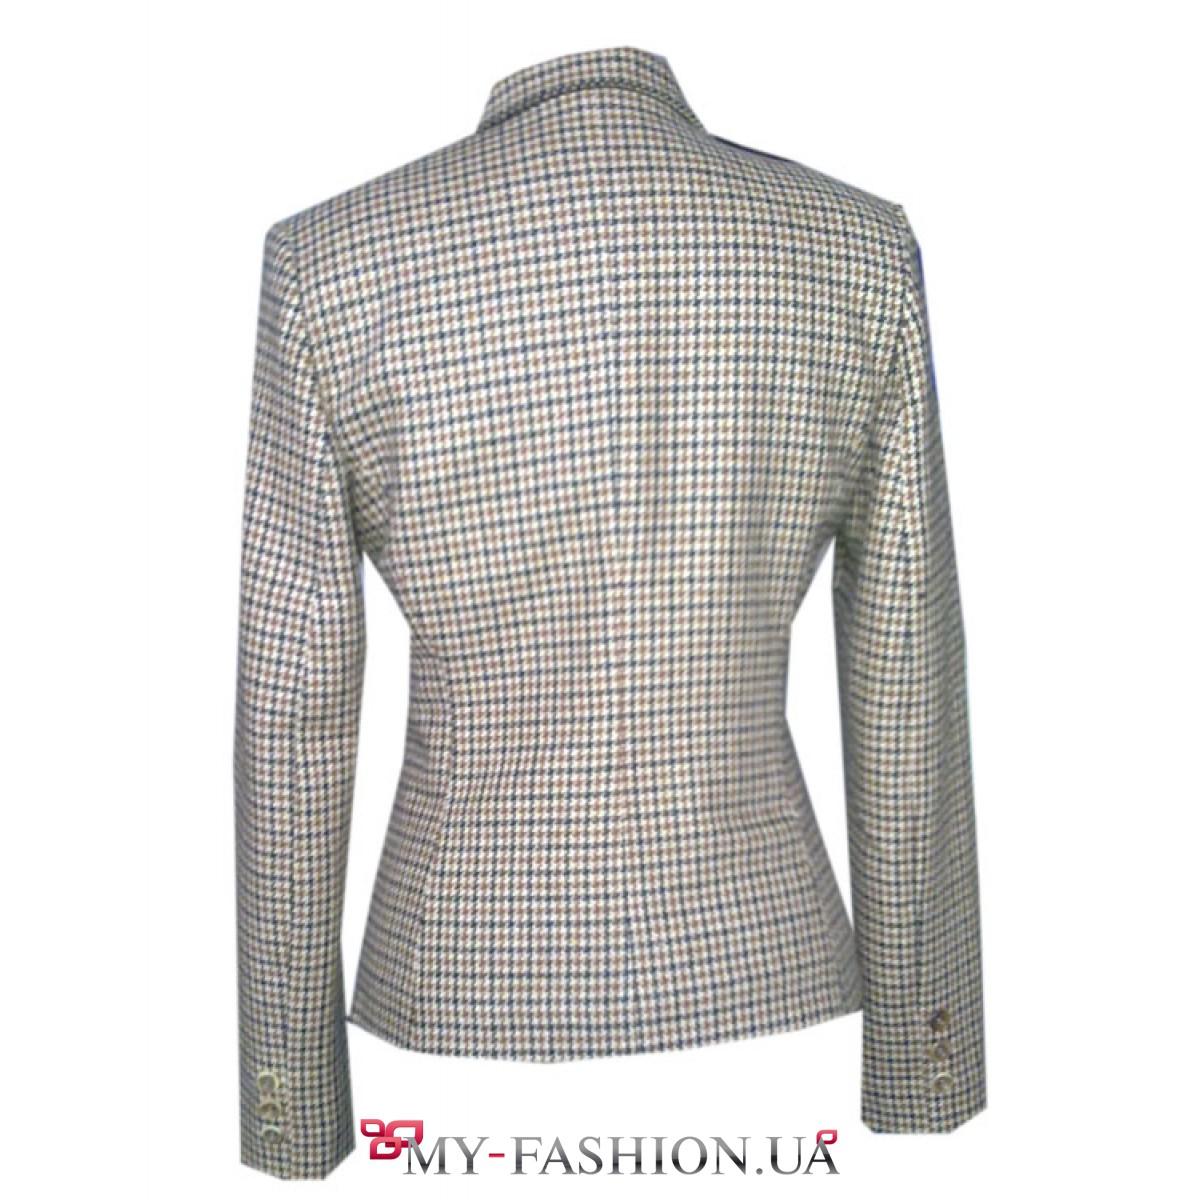 Красивые блузки 2017 доставка